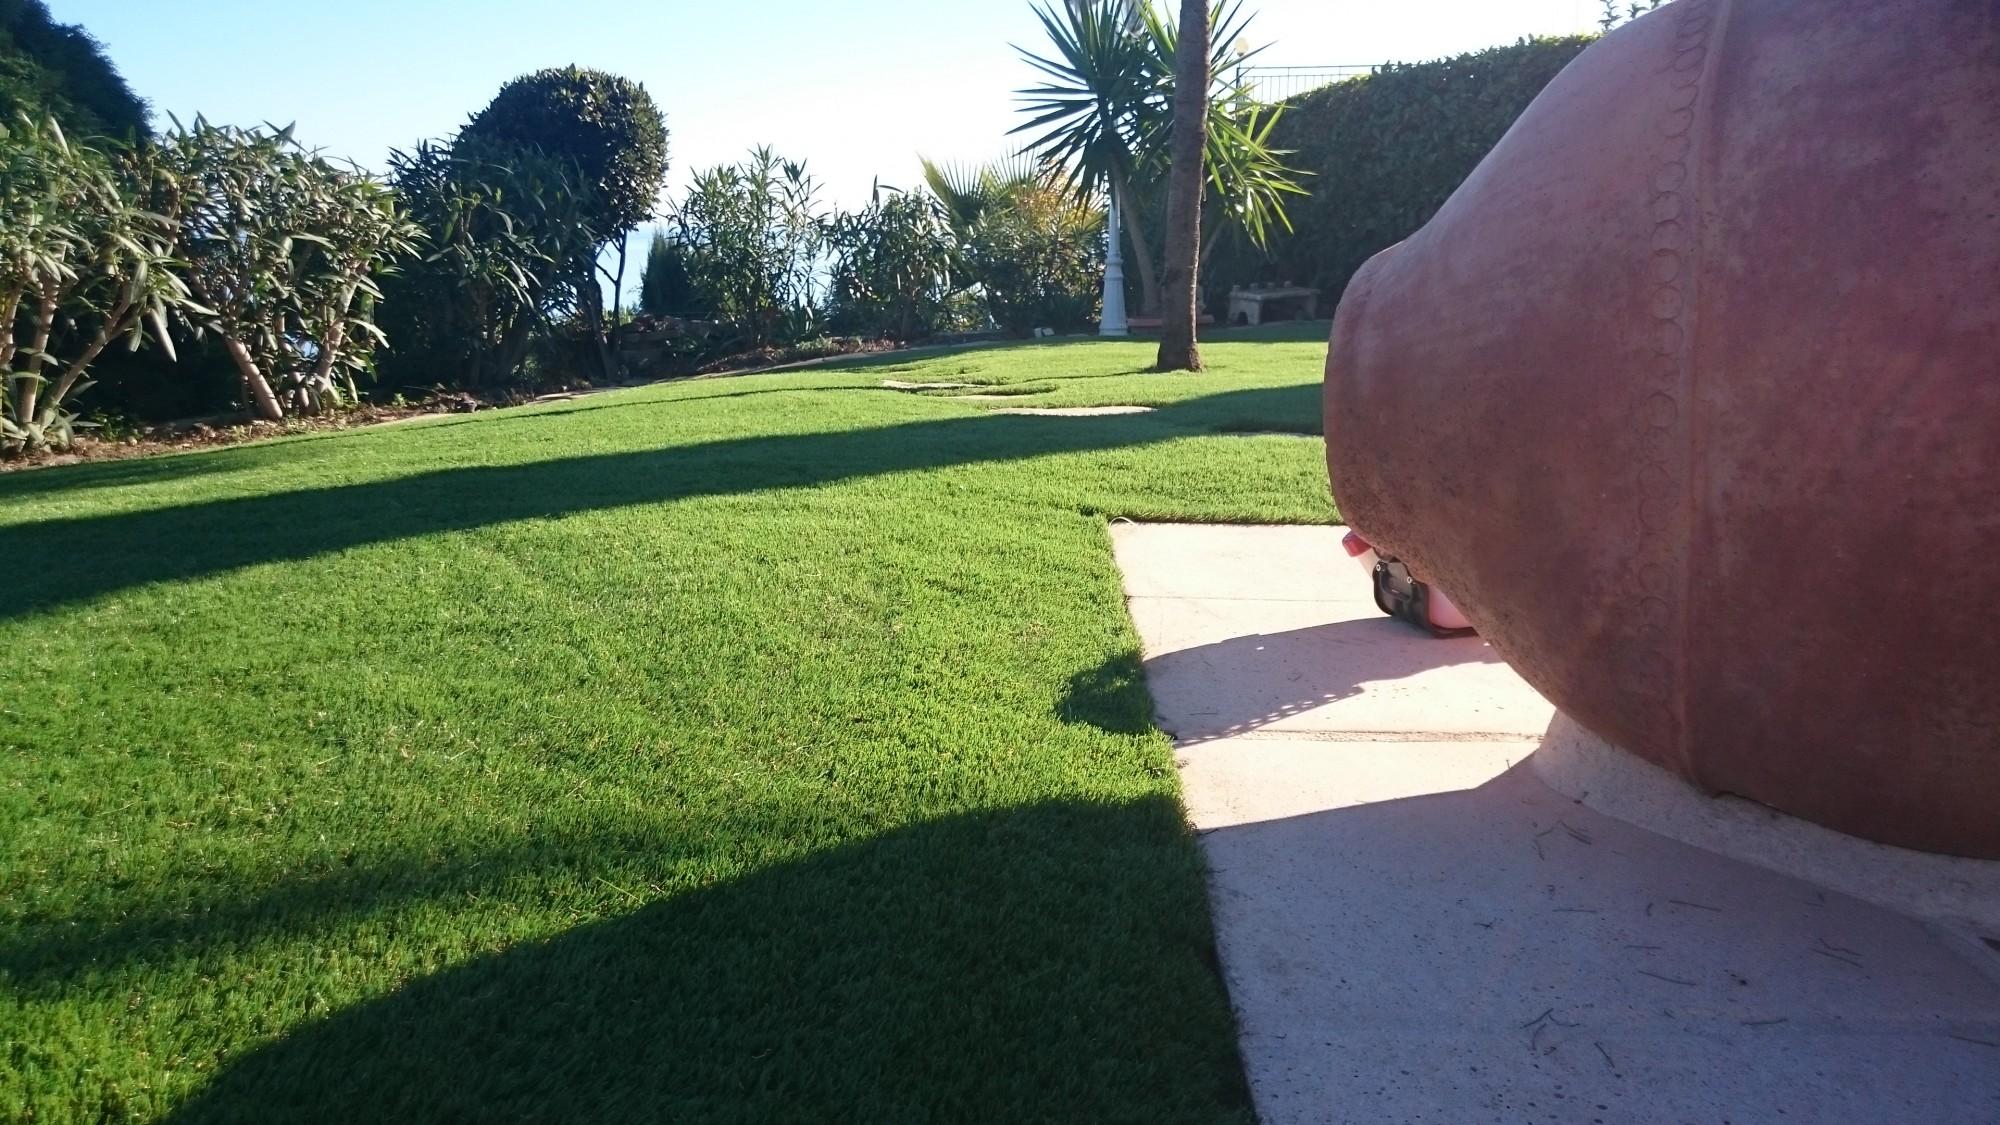 100 conseils de pose de gazon que choisir entre le gazon naturel et le - Poser une pelouse synthetique ...